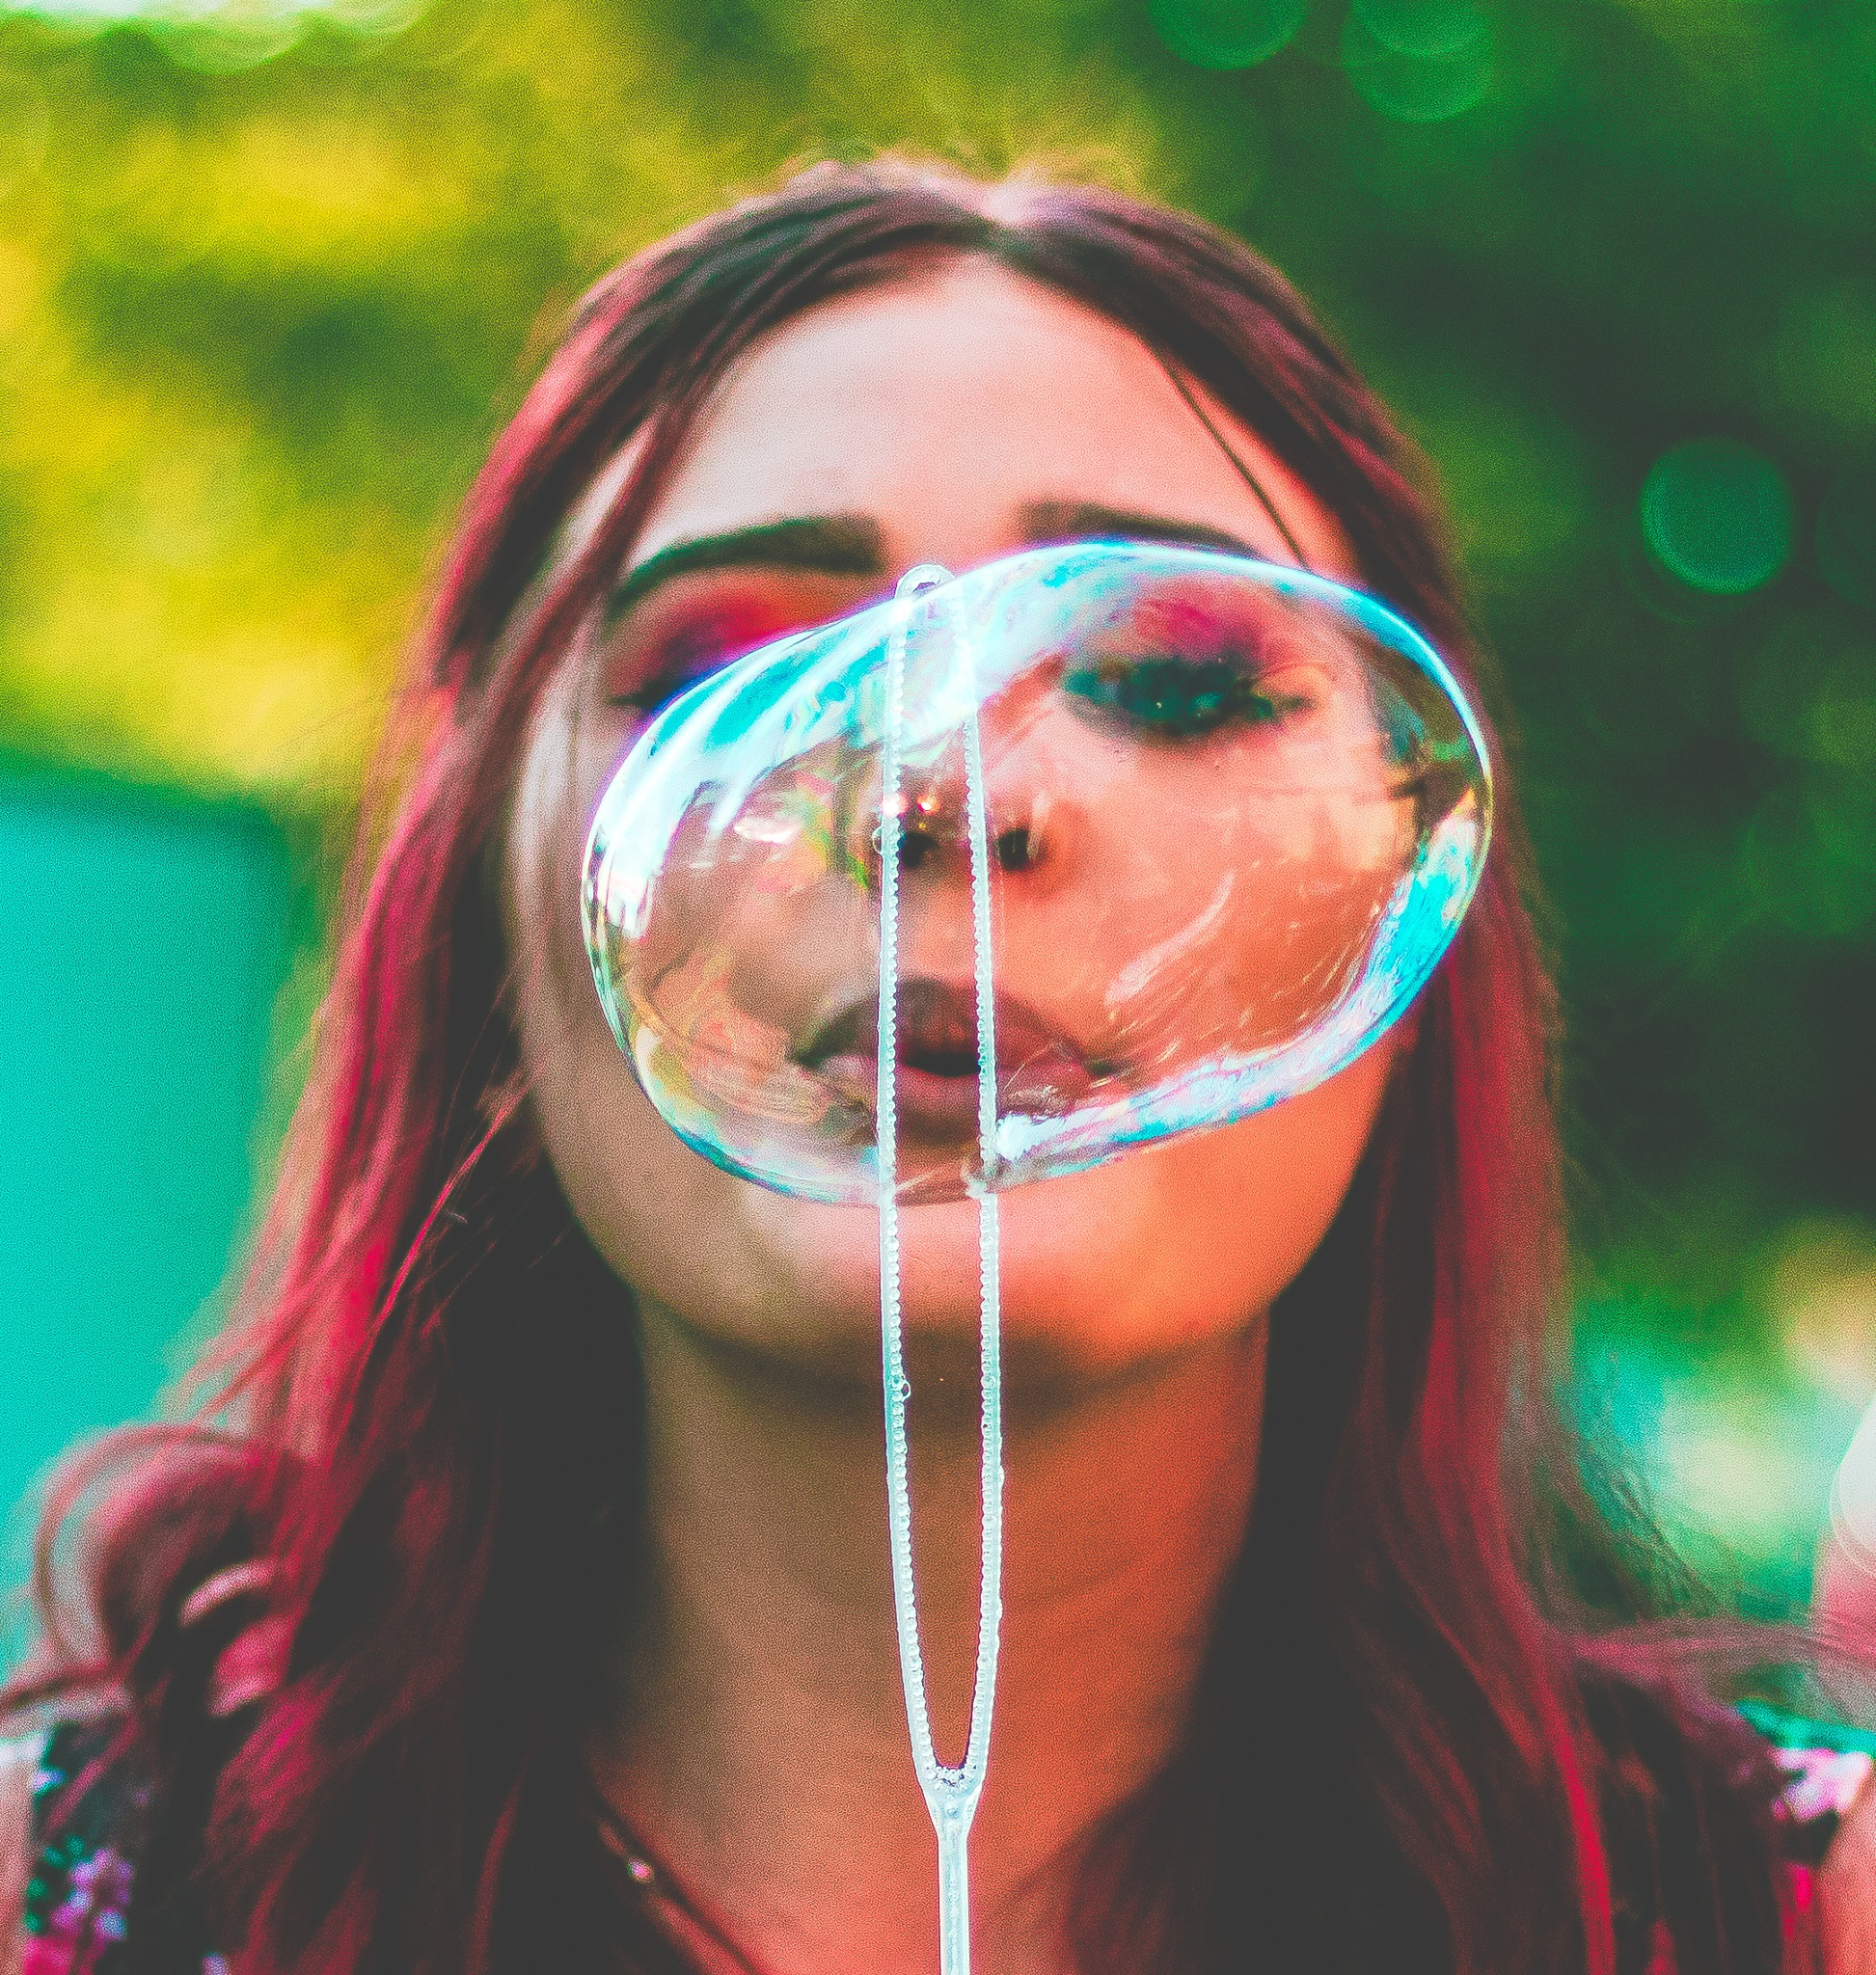 Bubbles by Derik Parkinson